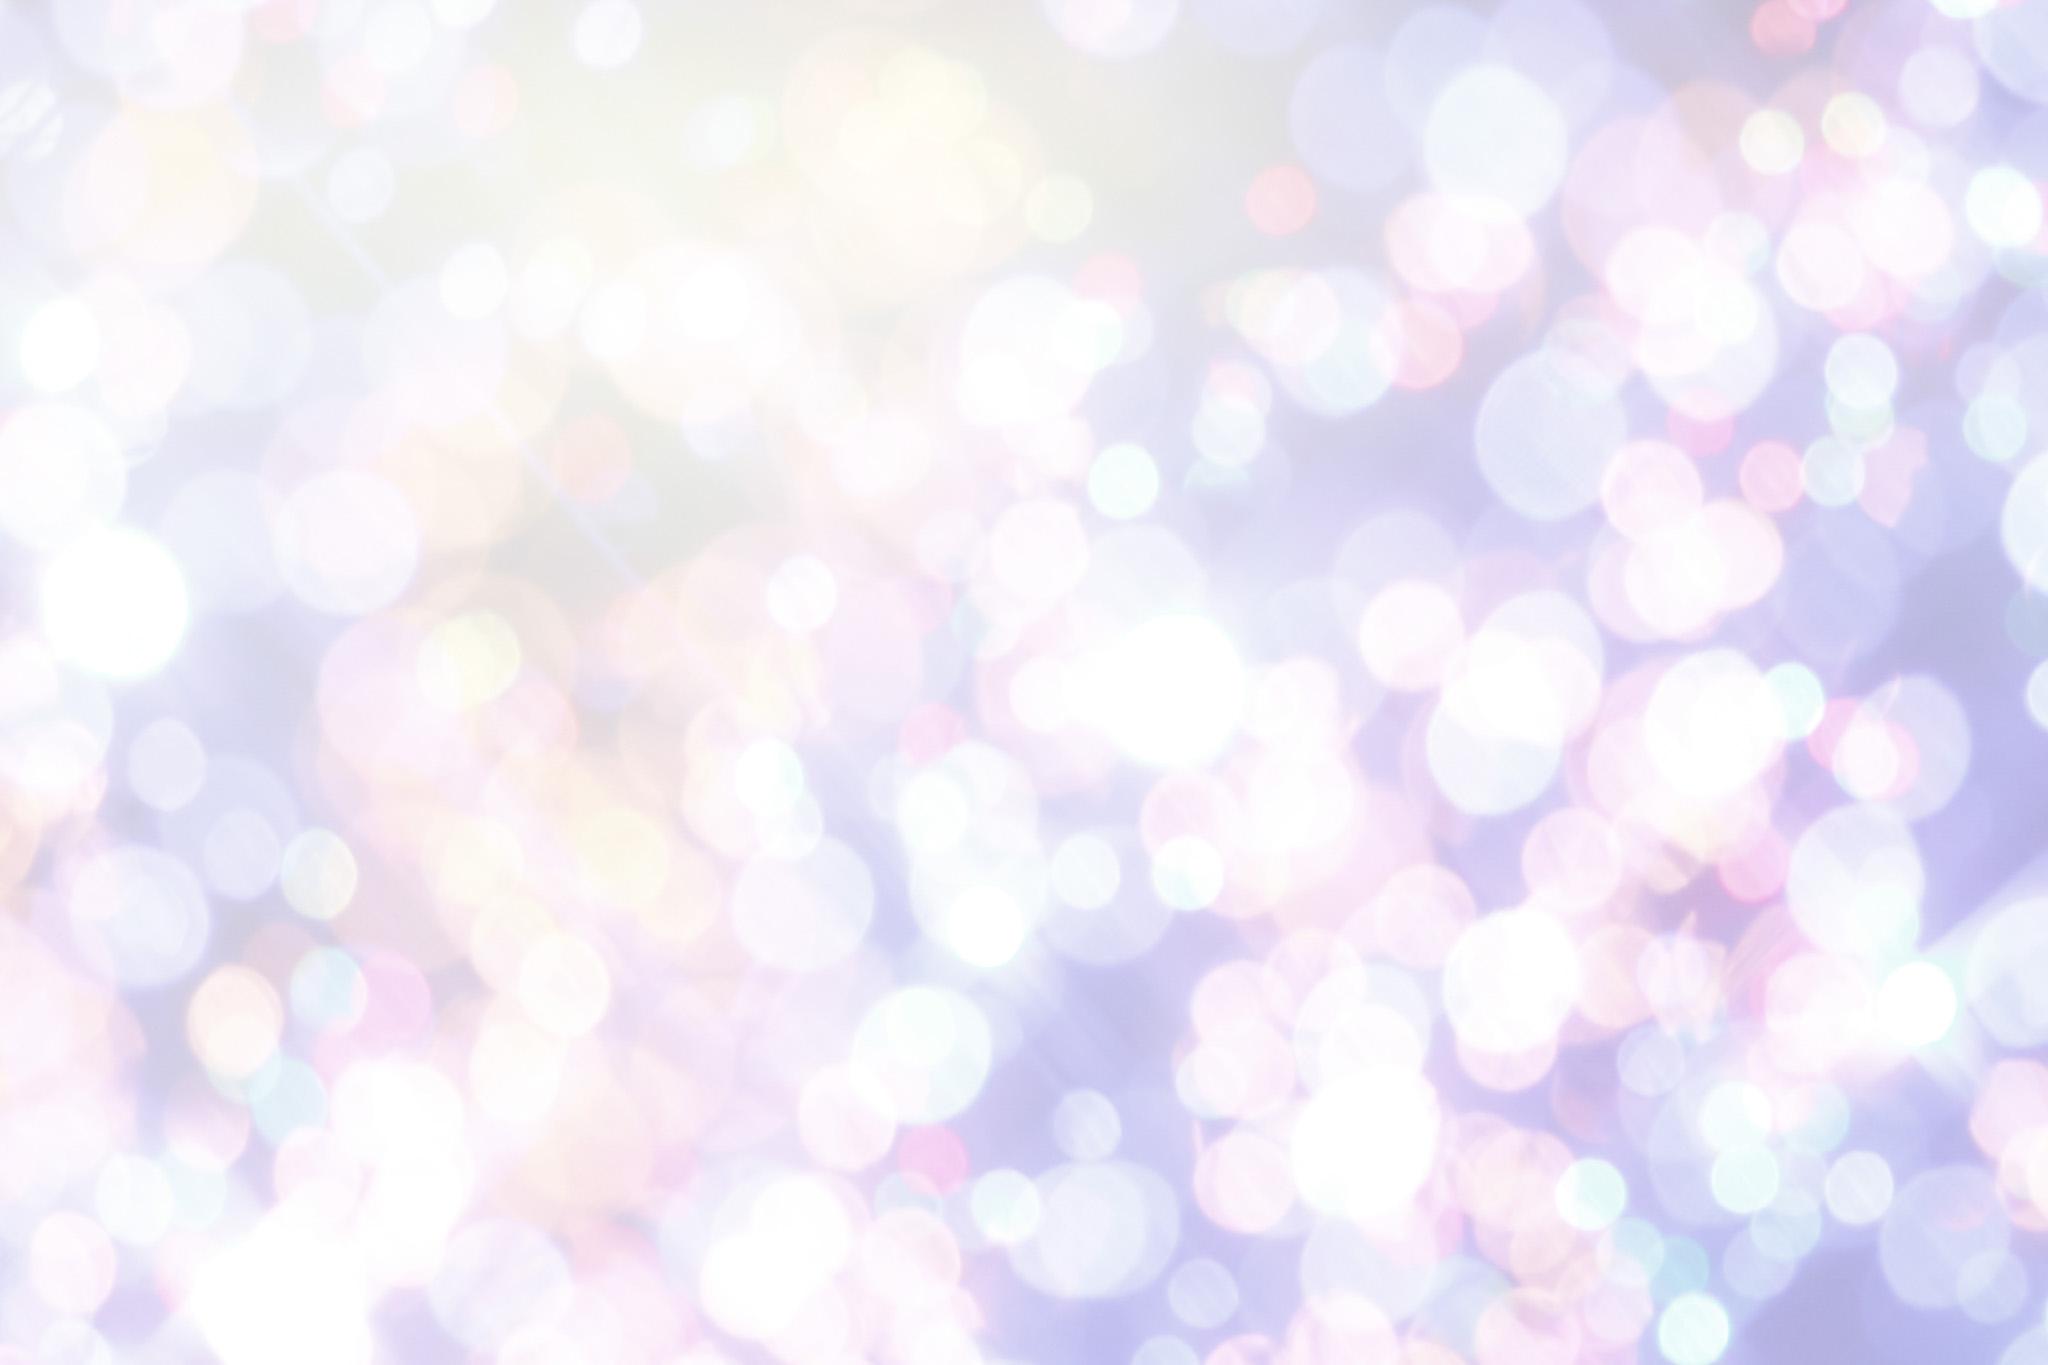 「輝く光の玉」